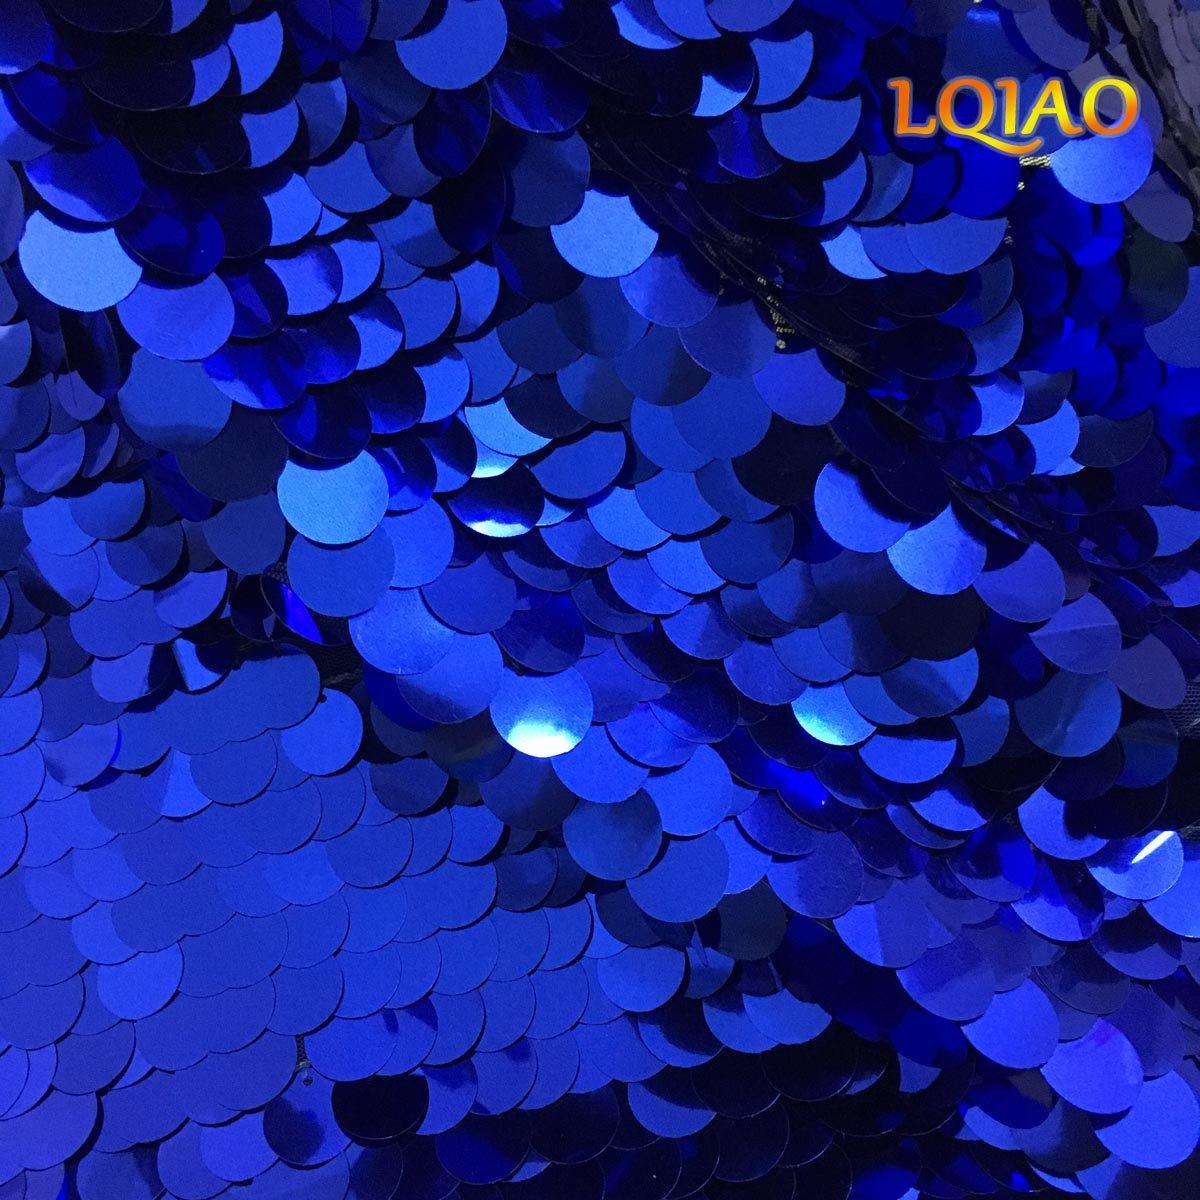 lqiao 3ヤードLarge Sequin Fabric by the yard-royalブルーフリップアップメッシュレース刺繍ウェディングクリスマス/ハロウィンイベントのデコレーションキラキラスパンコールファブリック   B075JGD1SK